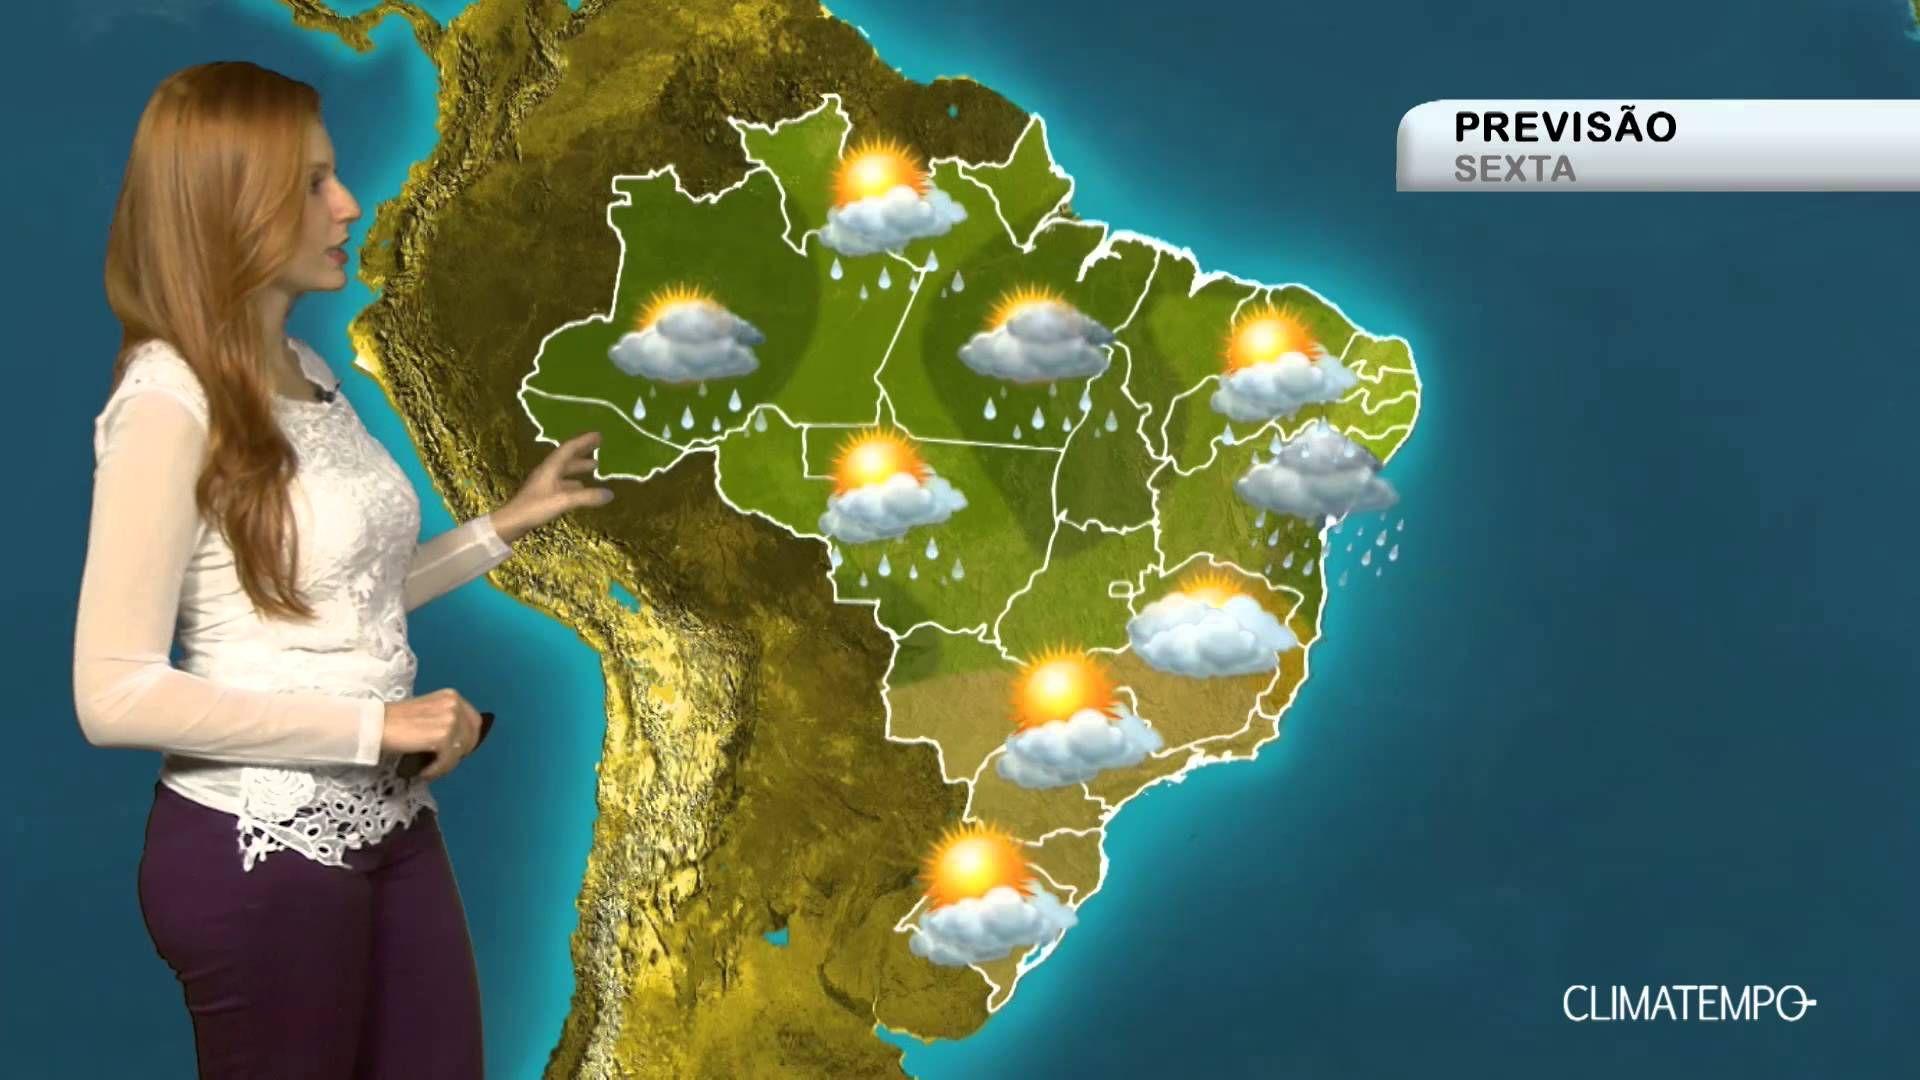 Previsão Brasil - Muita chuva na Região Nordeste